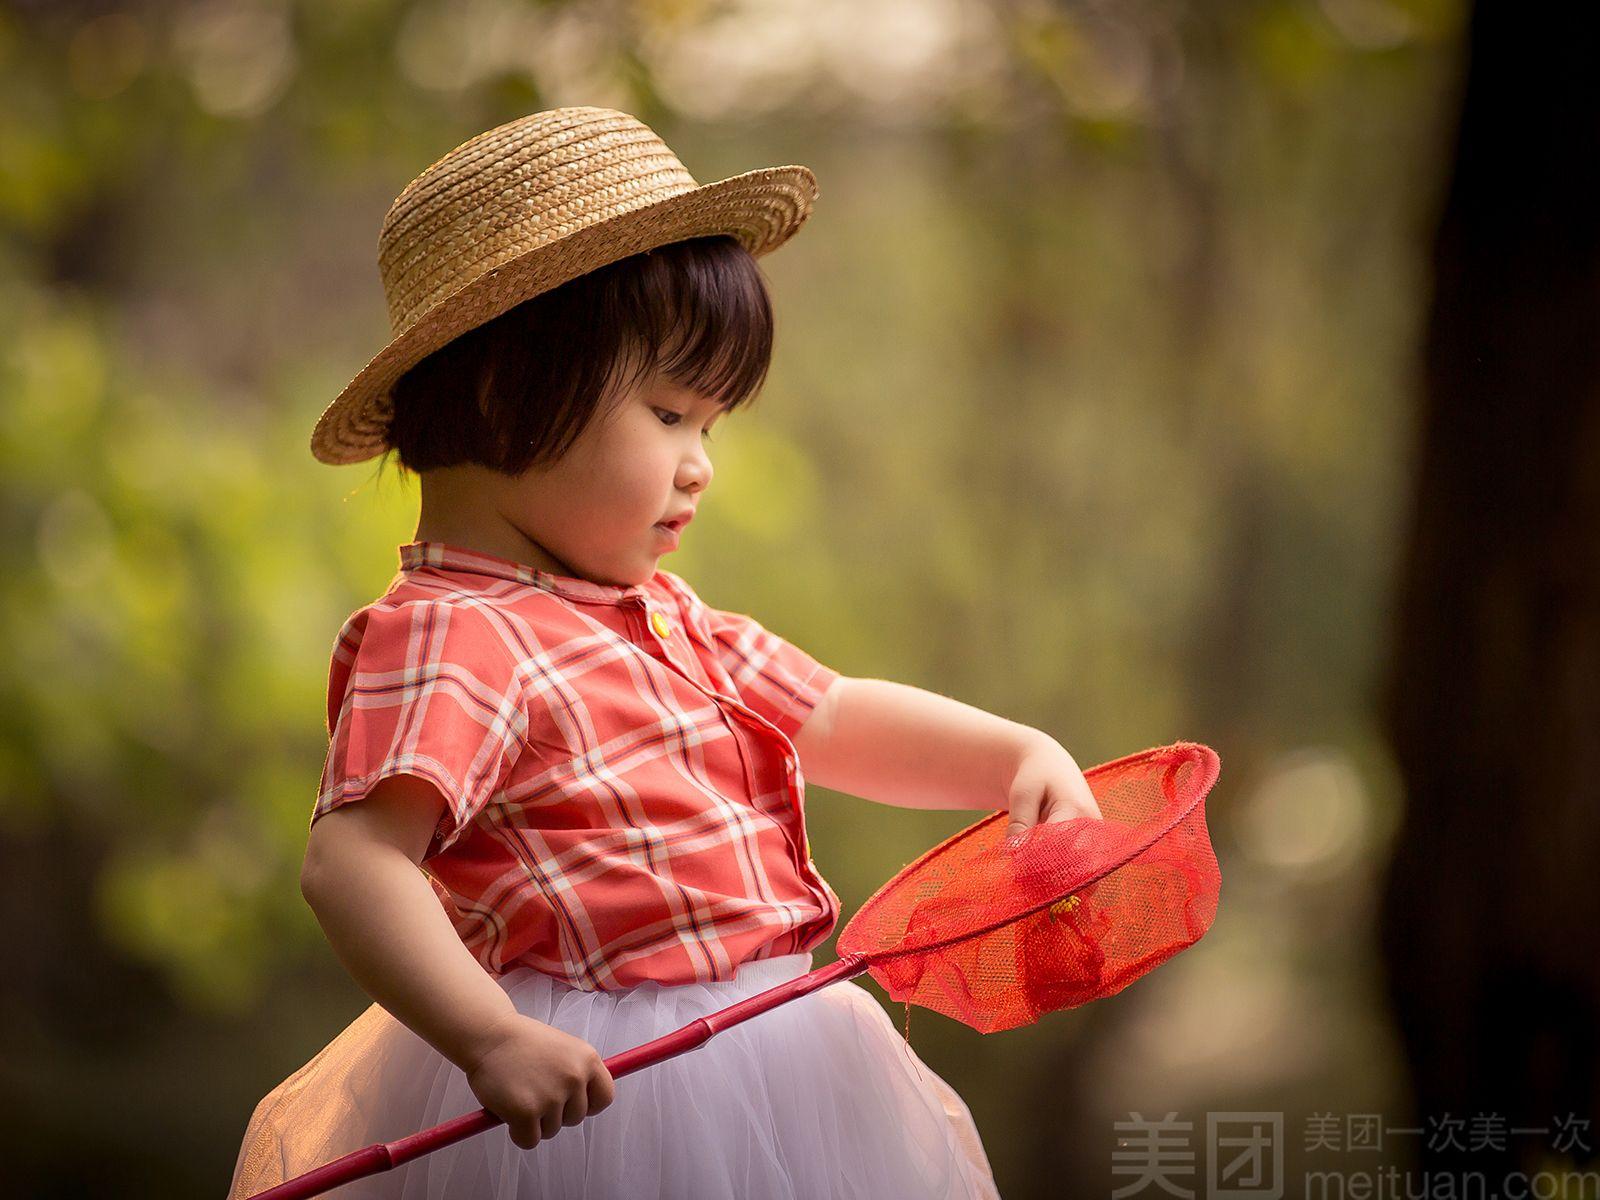 趣味儿童摄影   [本单亮点] 纯外景拍摄 底片全送 [适用年龄] 1-12岁